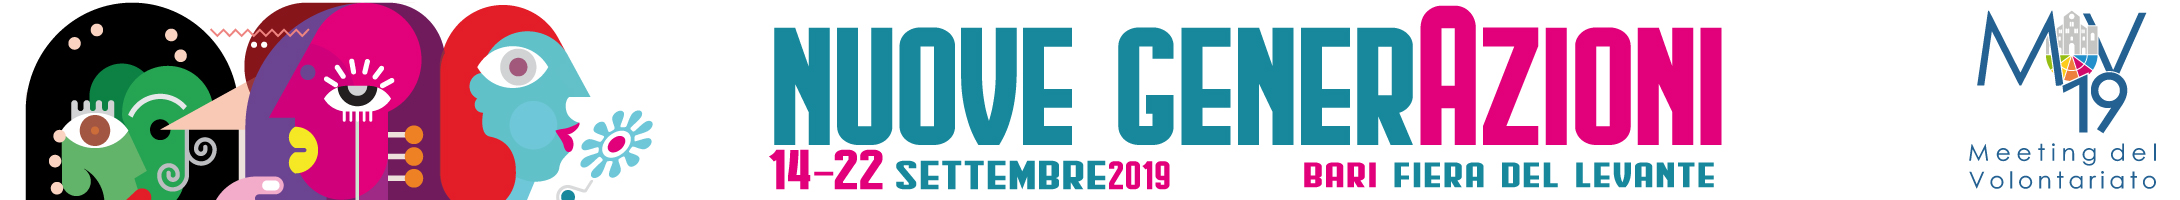 banner Nuove GenerAzioni Meeting del Volontariato 2019